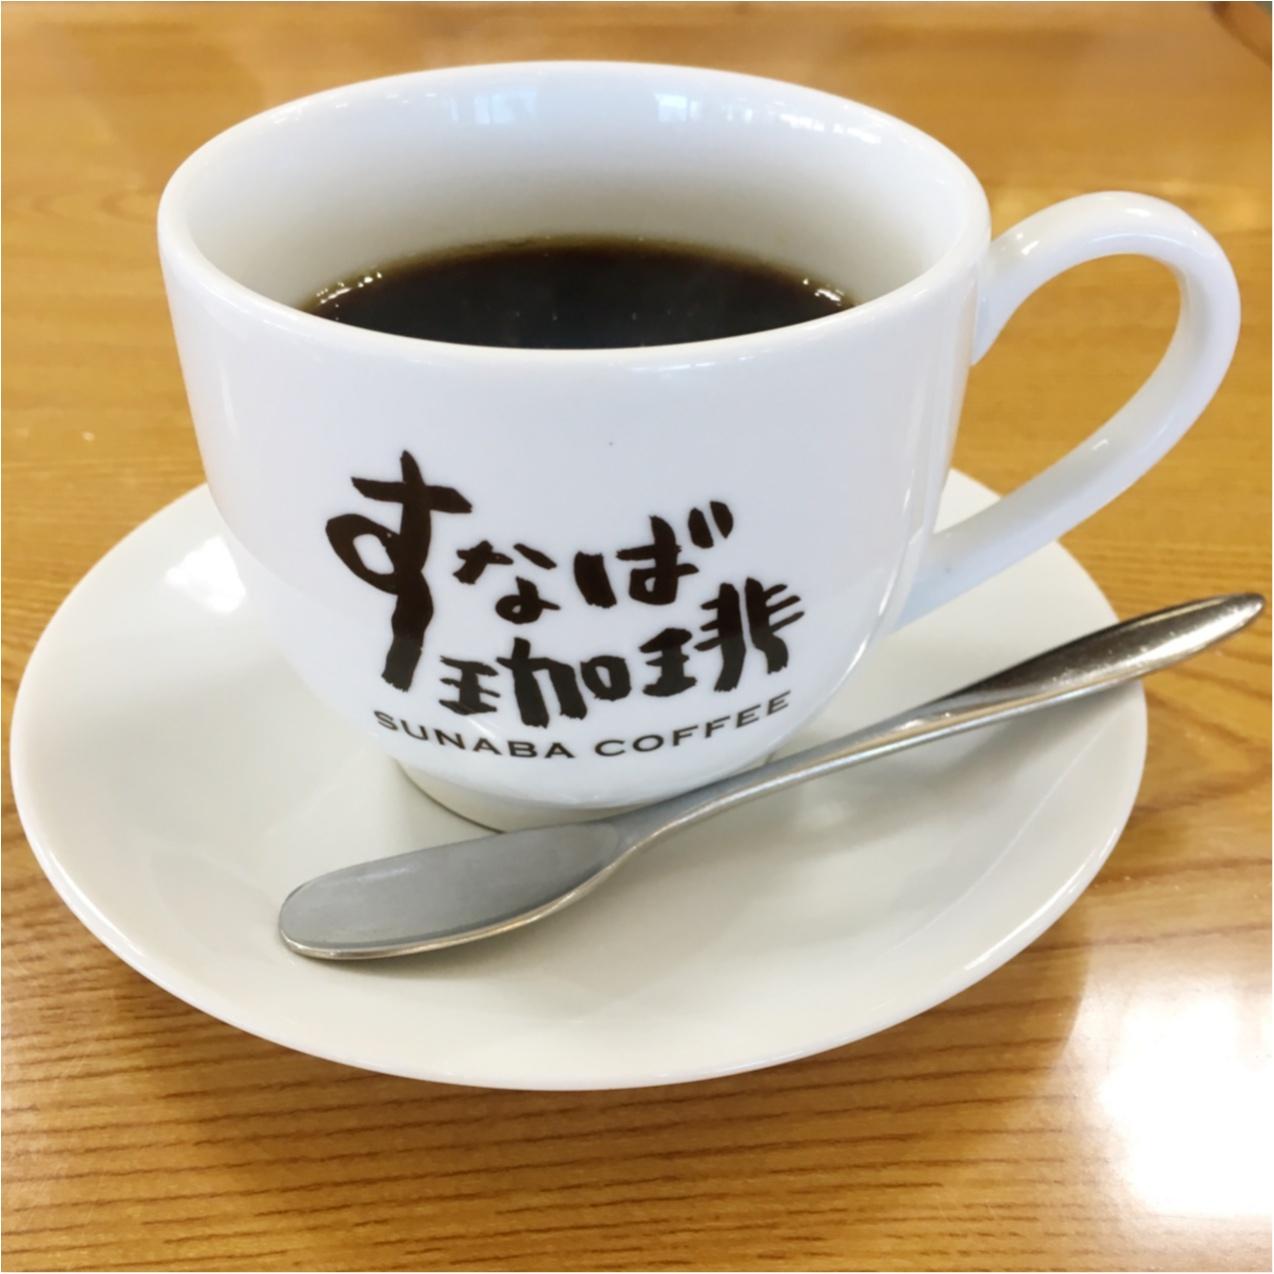 鳥取に行ったら行きたい♡ご当地コーヒーの 《 すなば珈琲 》へ行ってみた♡♡_6